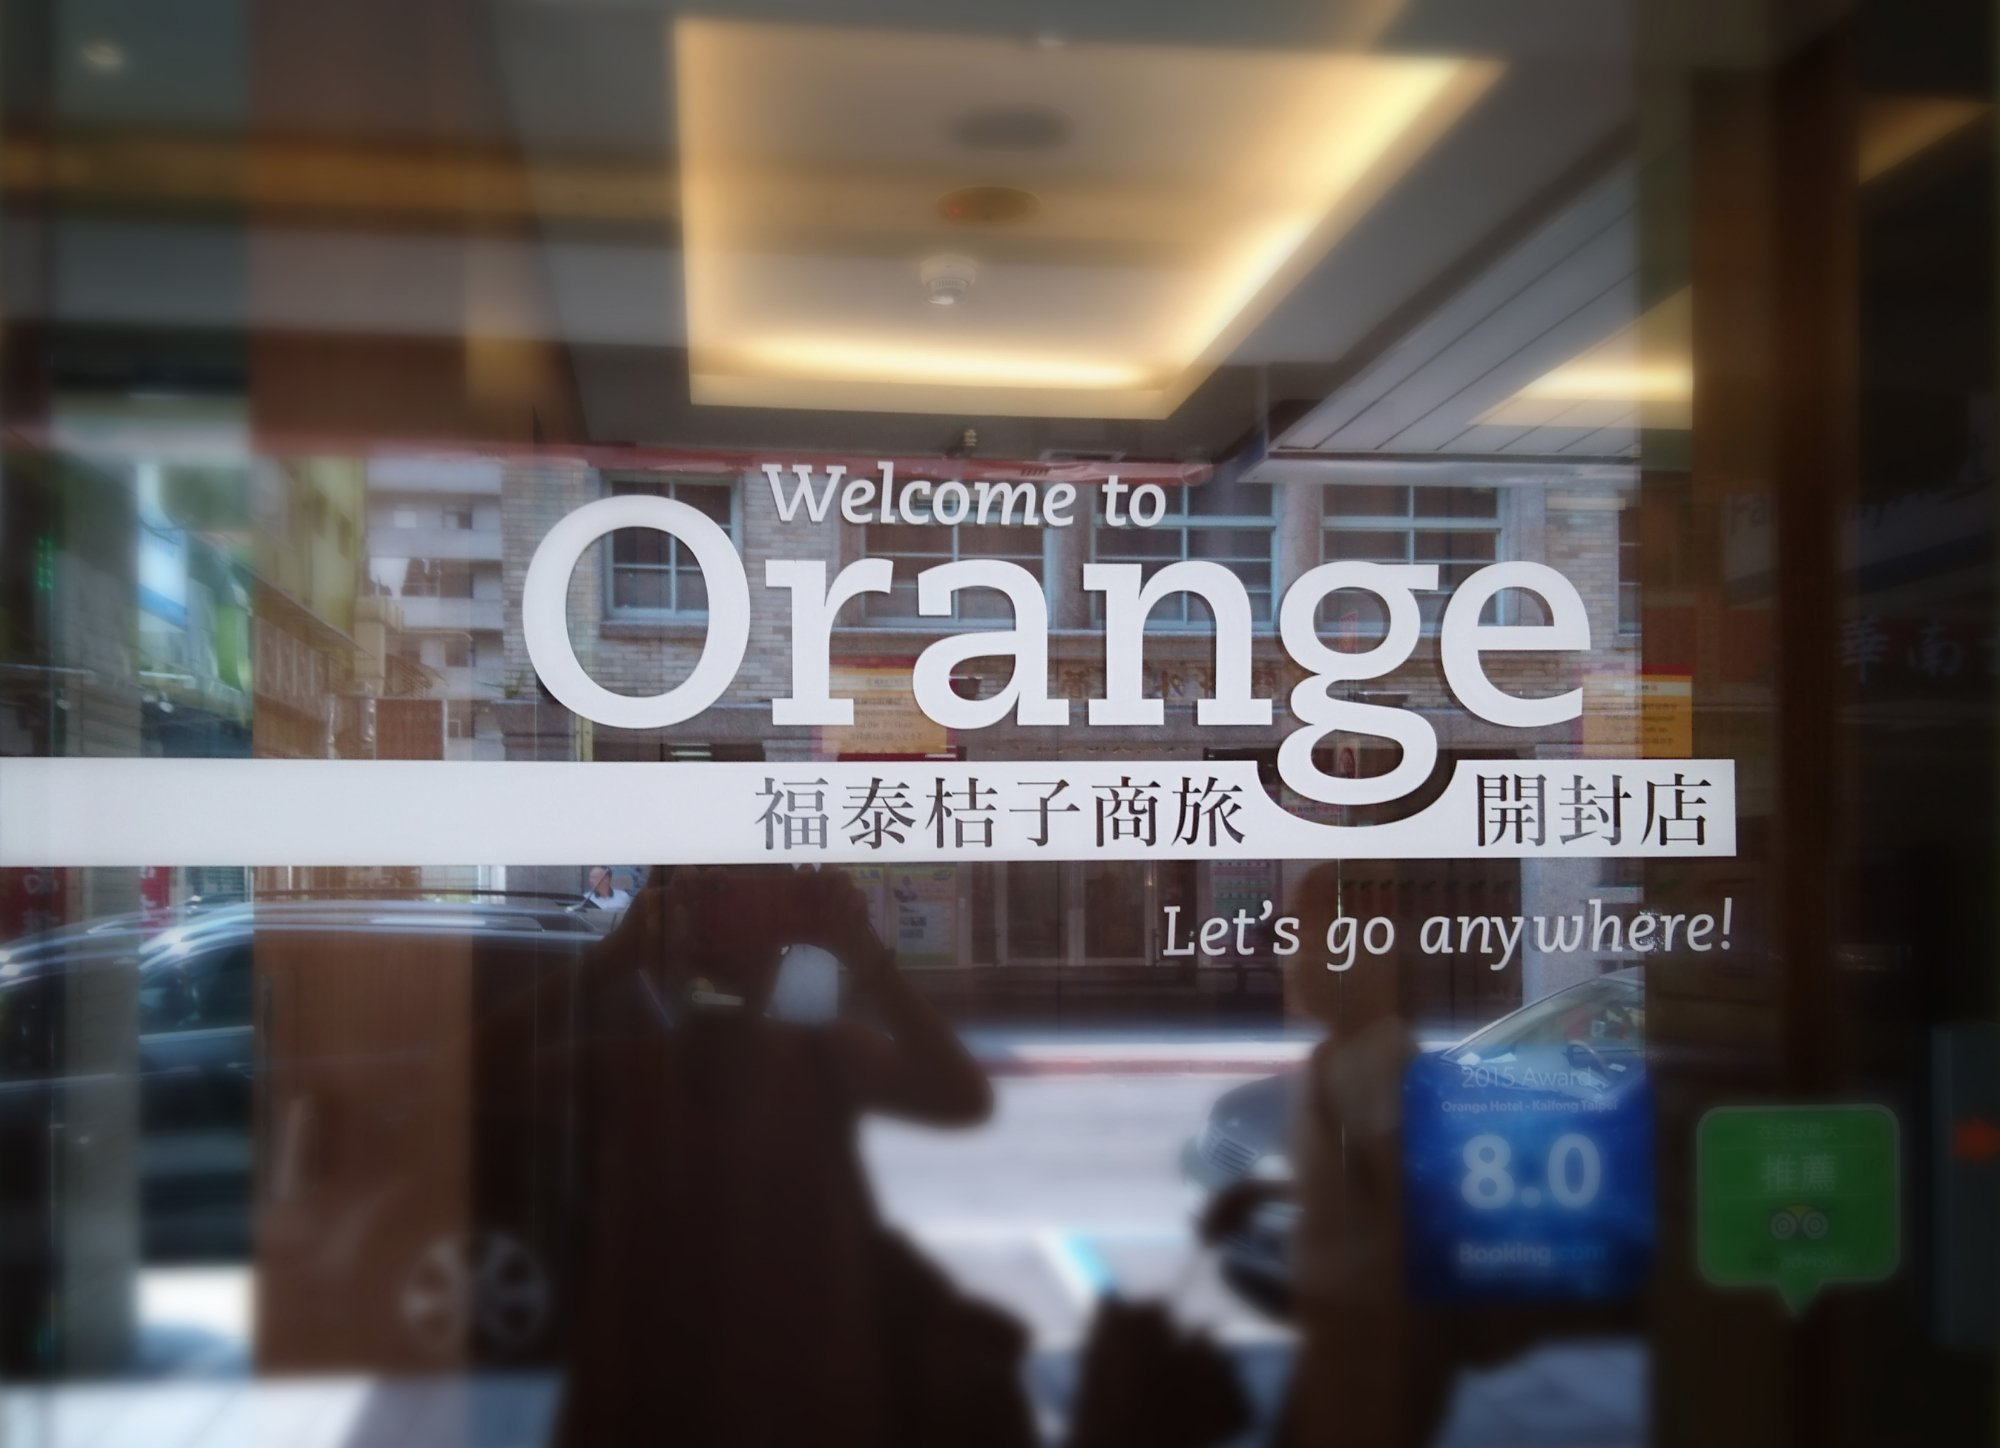 포트 오렌지 비지니스 호텔 (카이펑)